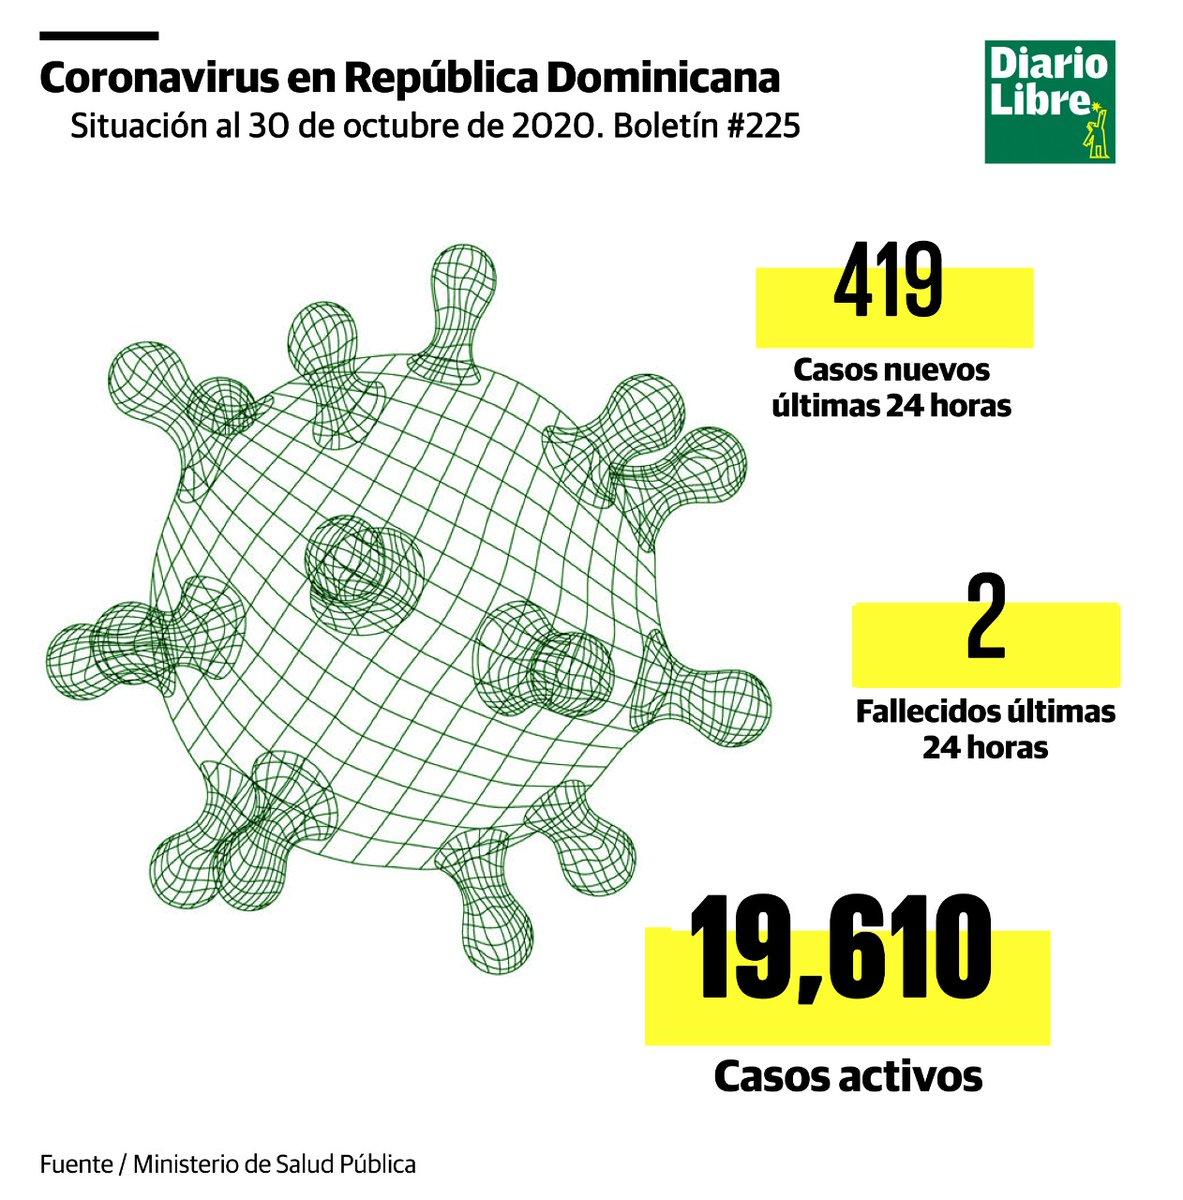 |#CoronavirusRD| Salud Pública reporta dos muertos y 419 nuevos contagios por COVID-19.  Aquí los detalles https://t.co/IA9XygQ7rg  #DiarioLibre #SaludPública #Contagios #Pandemia #Fallecimientos https://t.co/nSCovljU2a